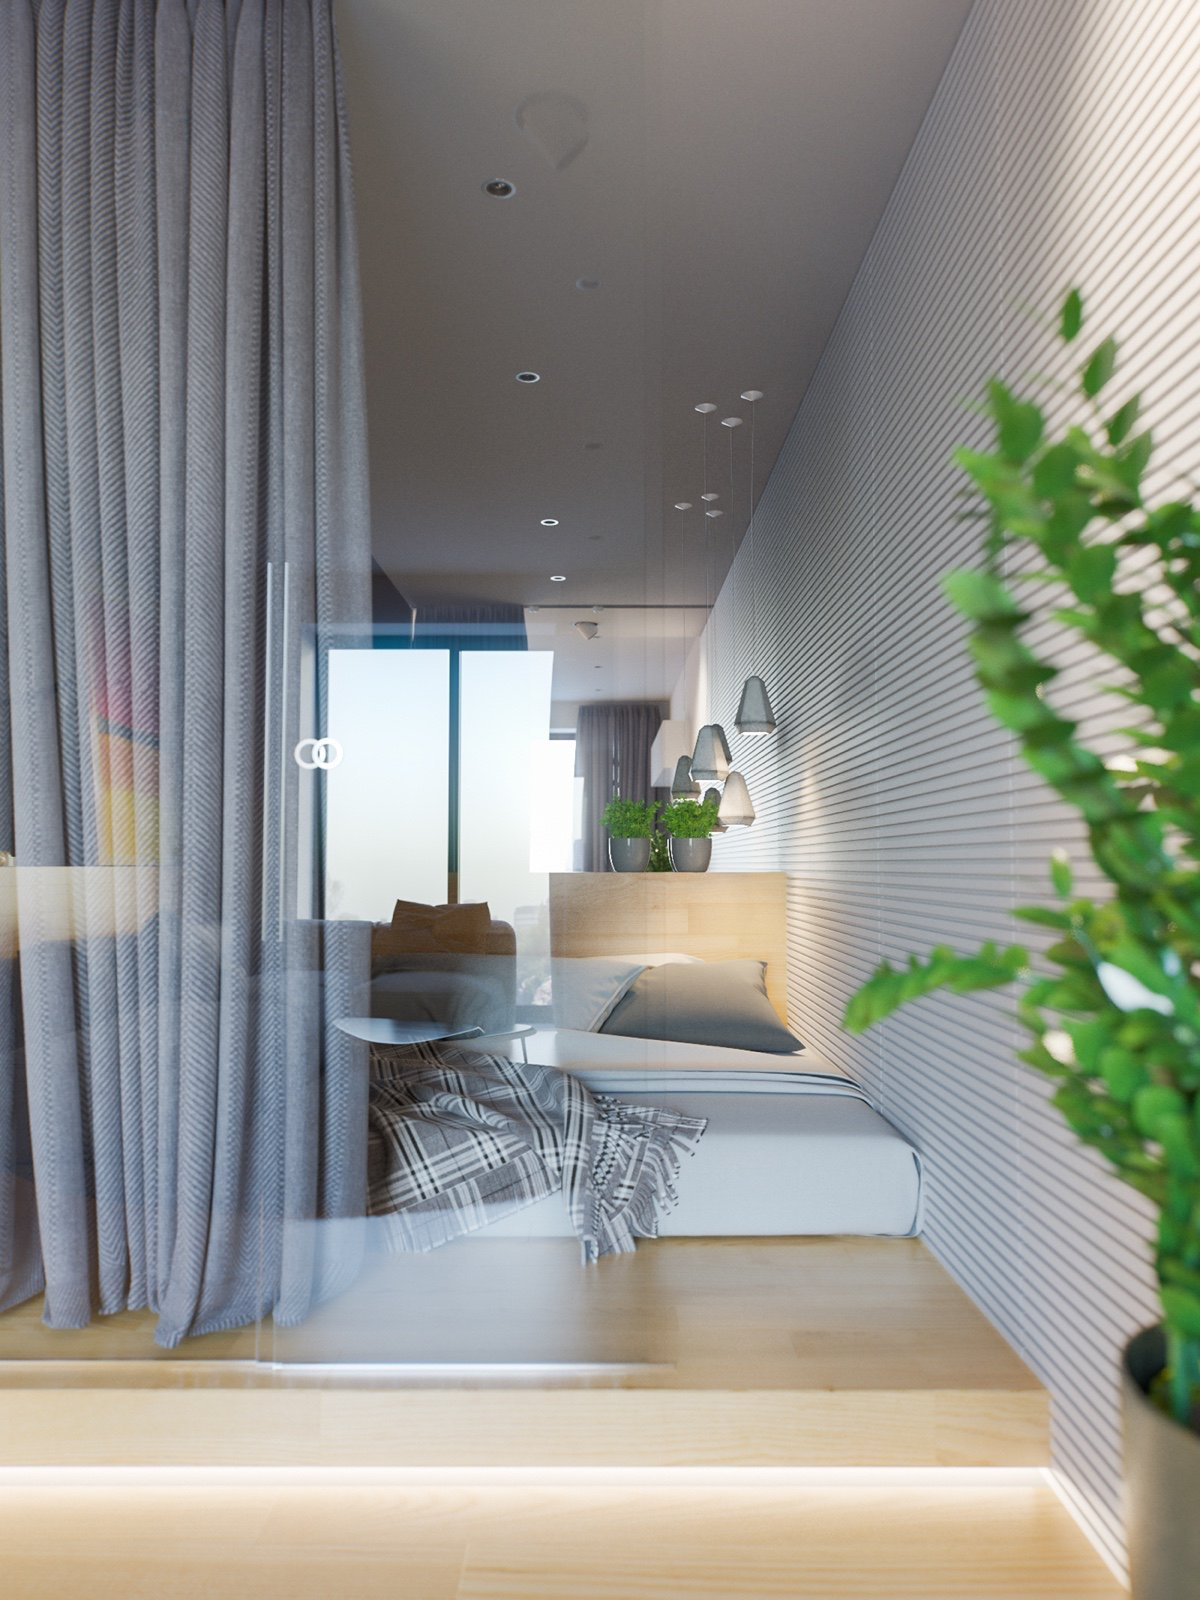 mẫu thiết kế căn hộ diện tích nhỏ đẹp 24